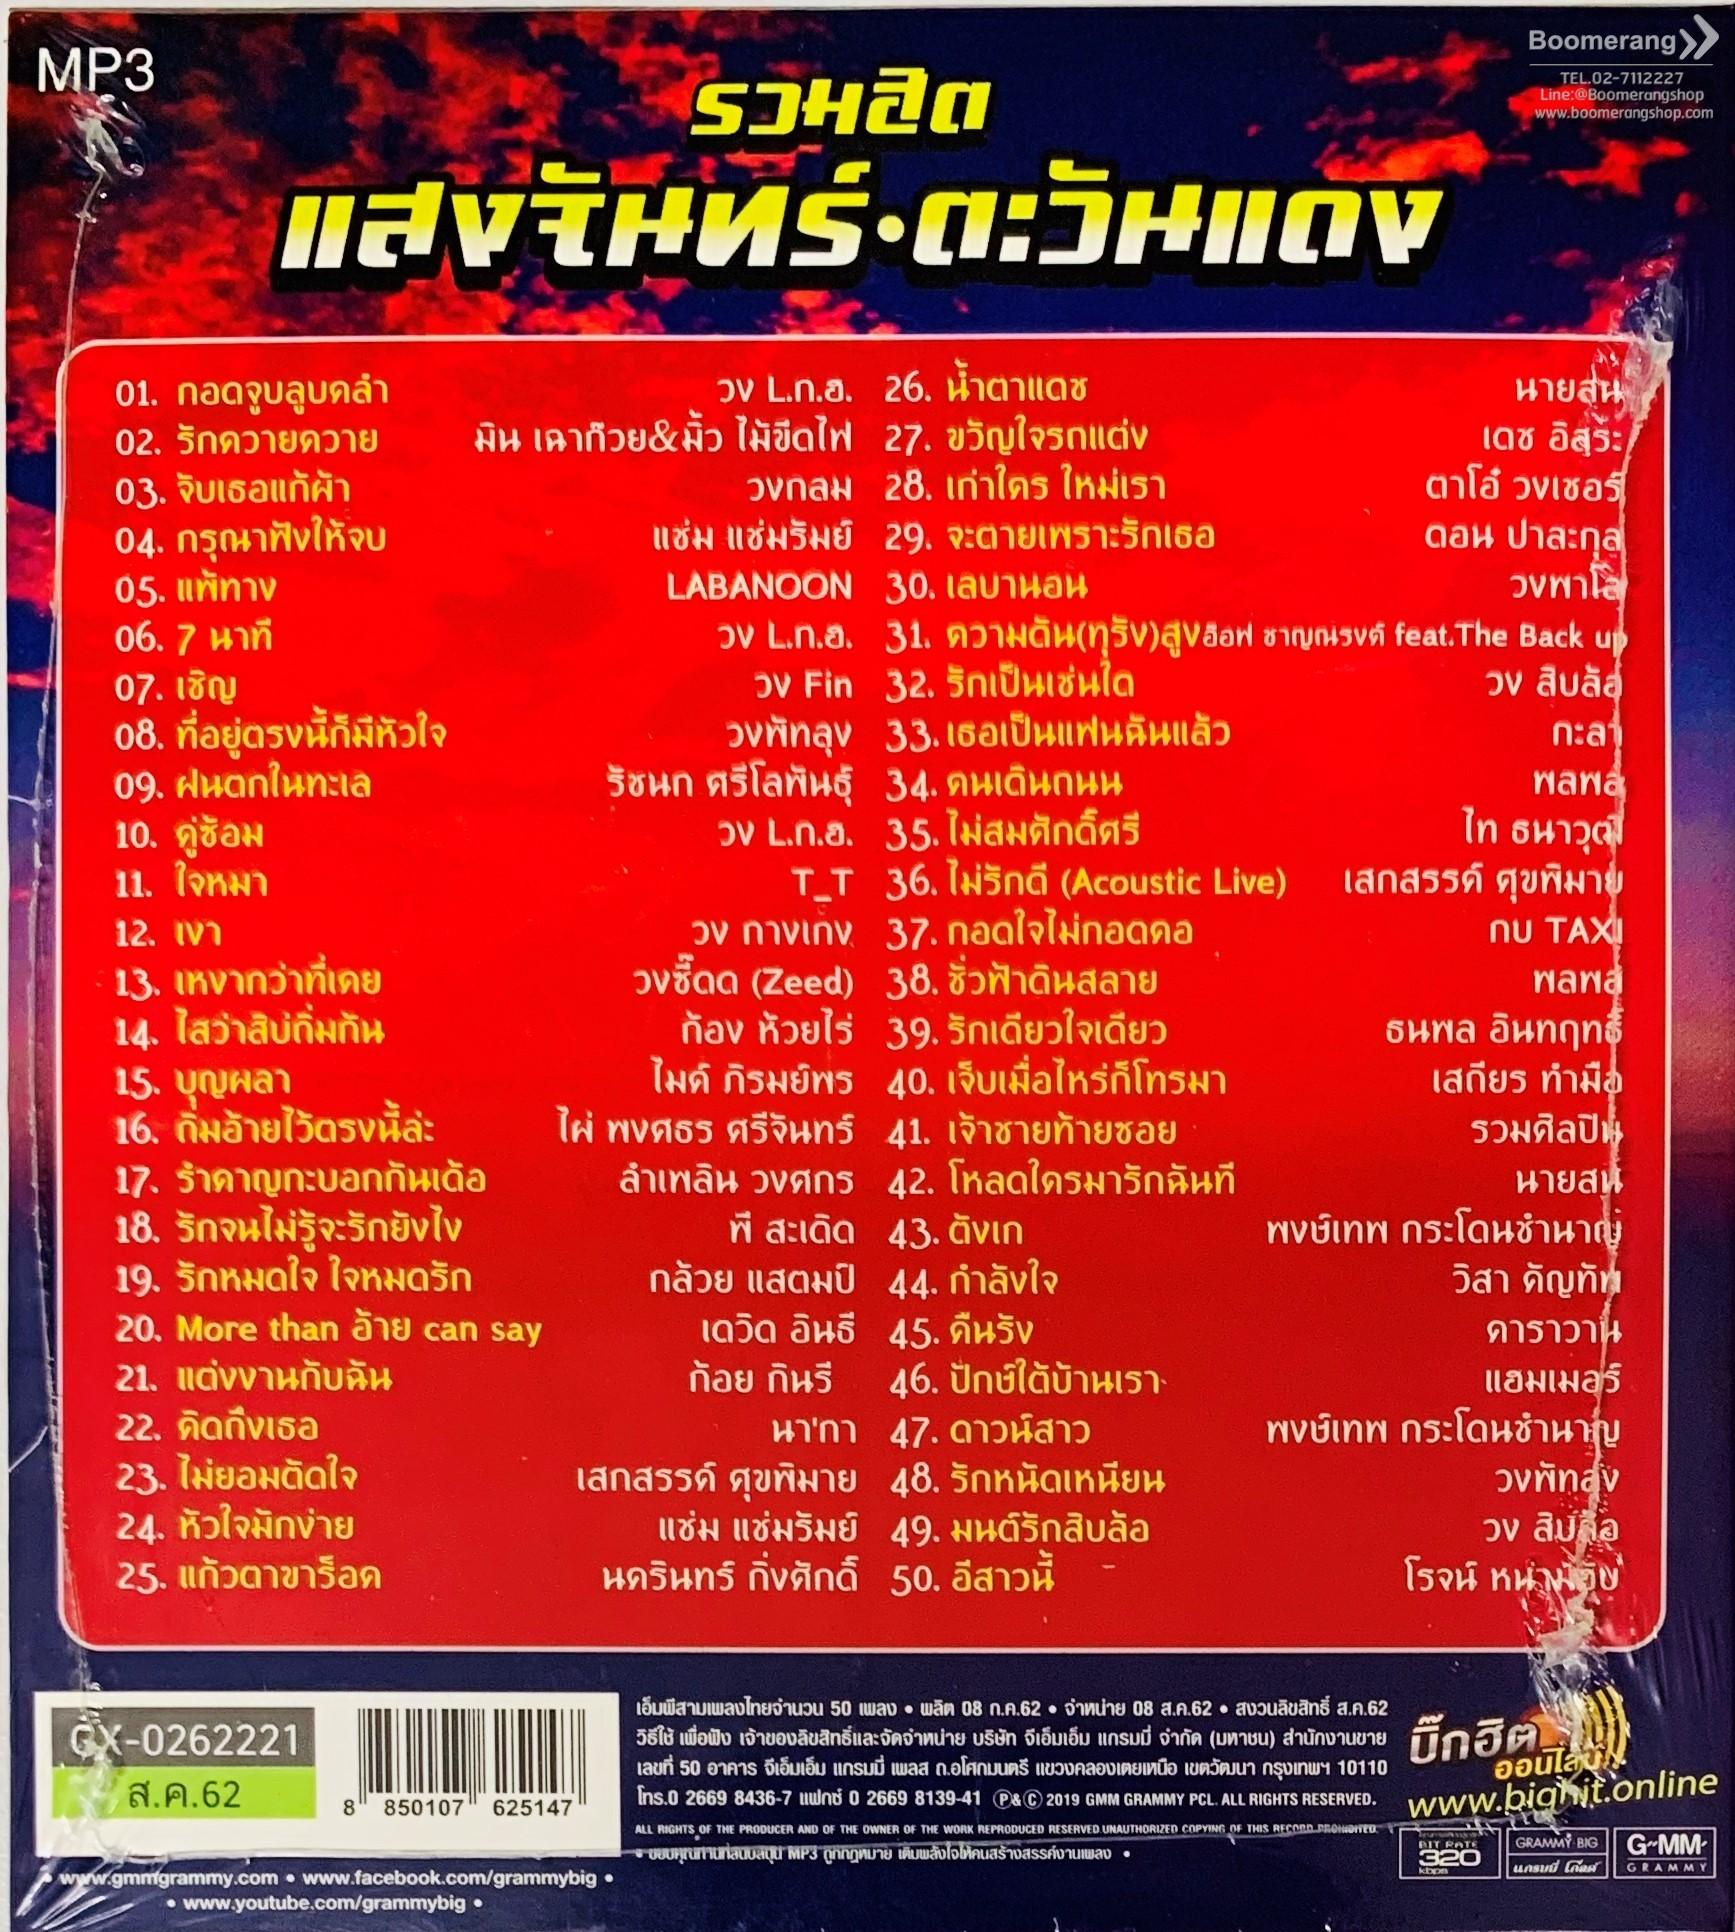 รวมฮิต แสงจันทร์ - ตะวันแดง (Mp3) | BoomerangShop com